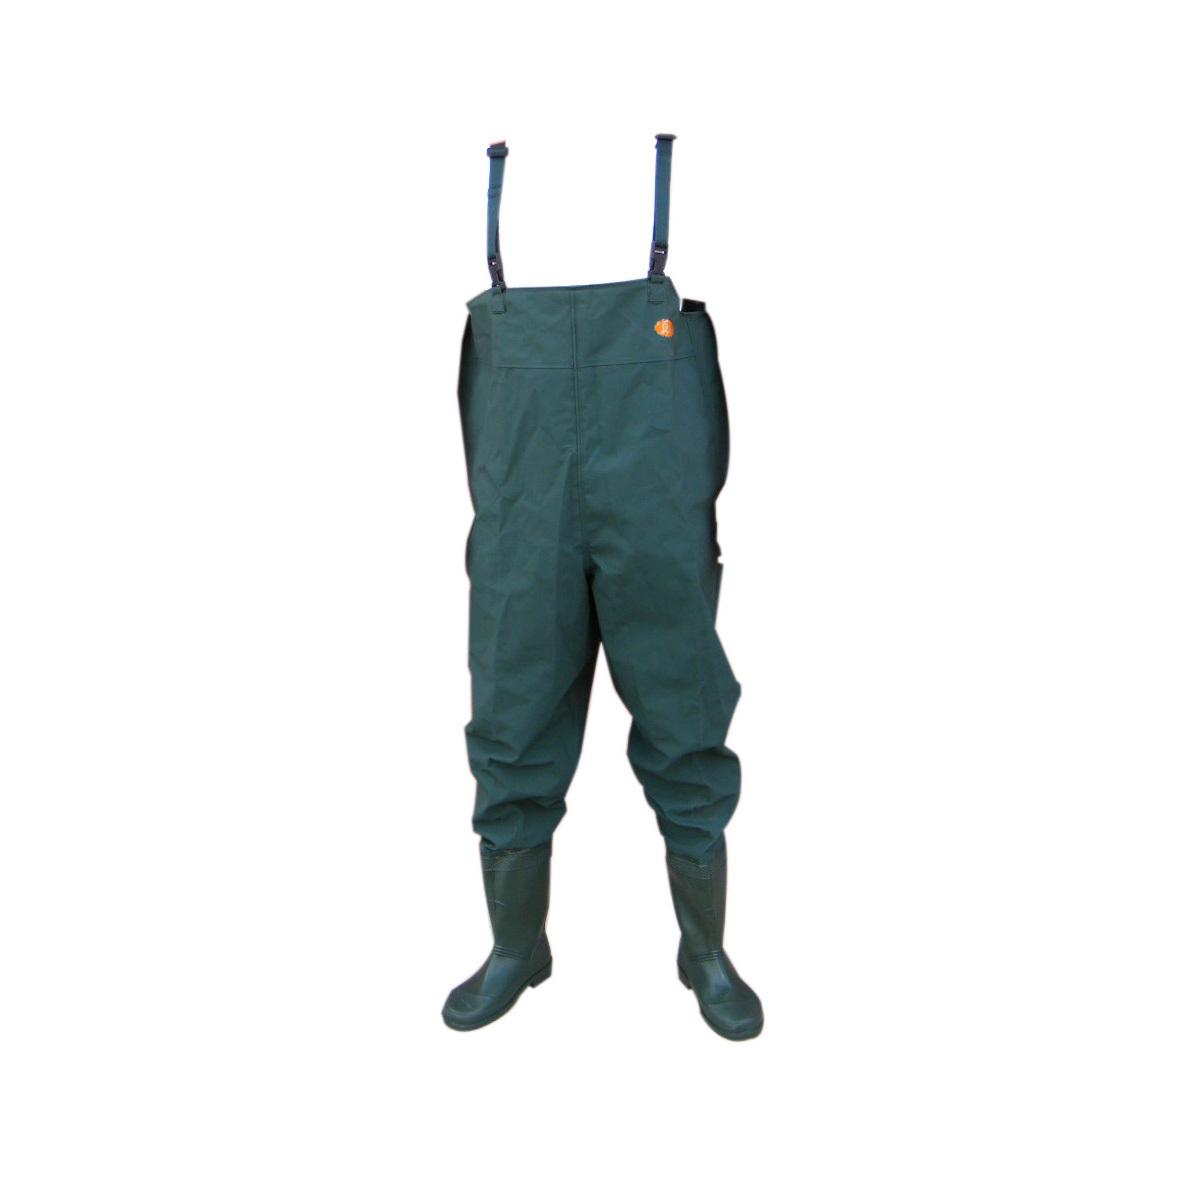 Недорогая одежда для рыбалки 2